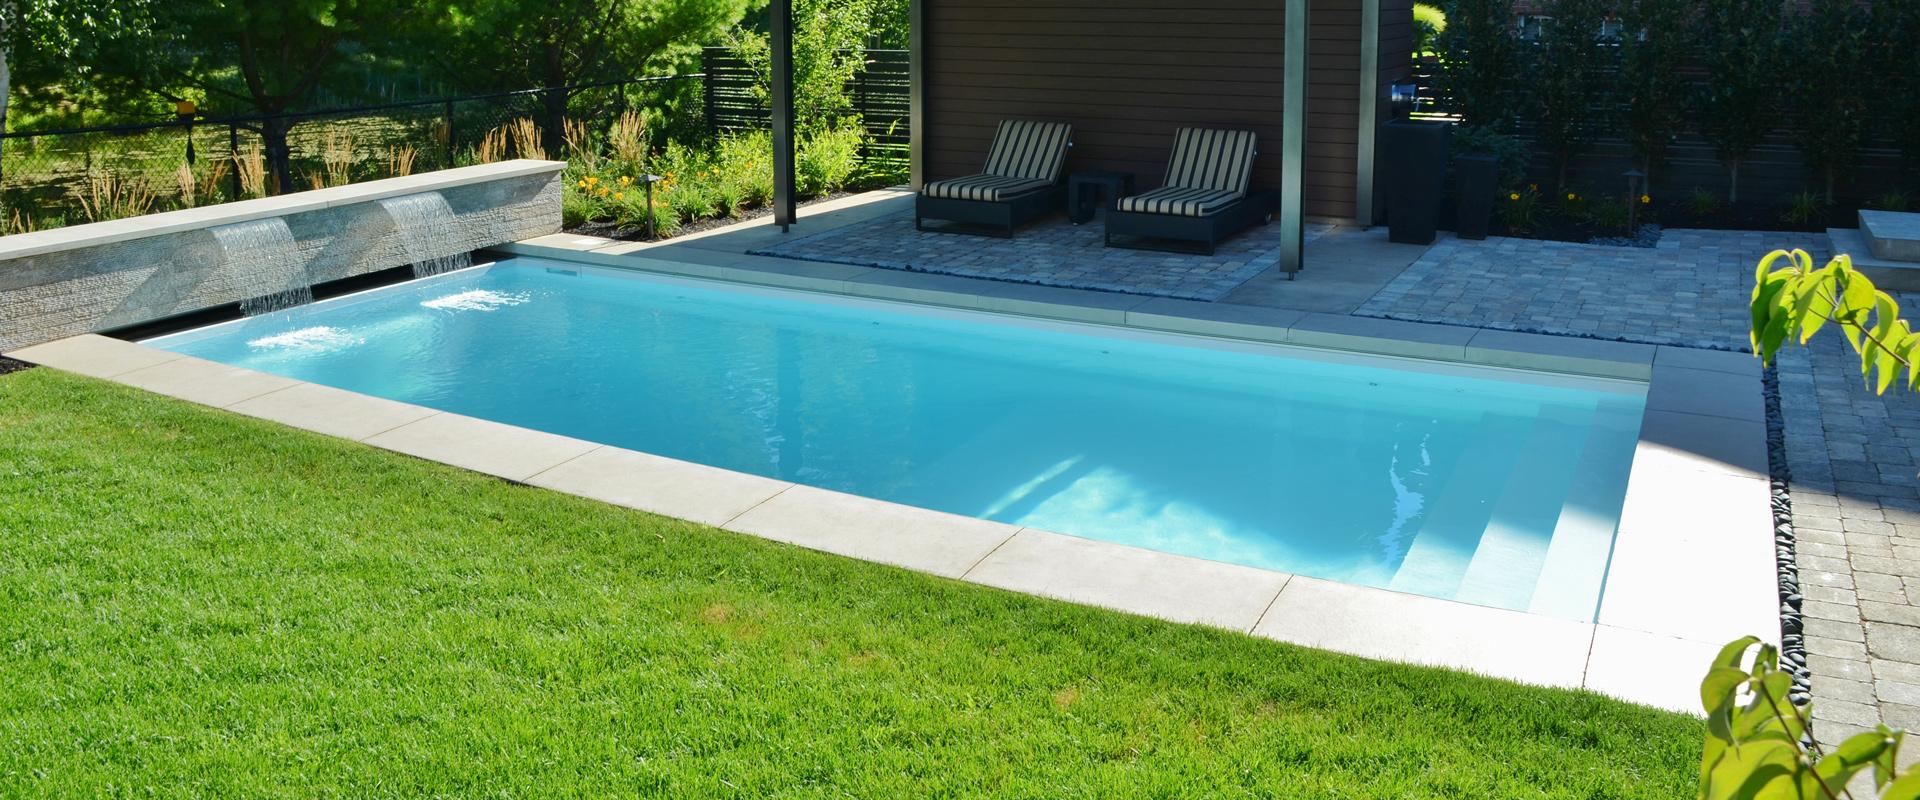 Oelofses Inground Pool Banner